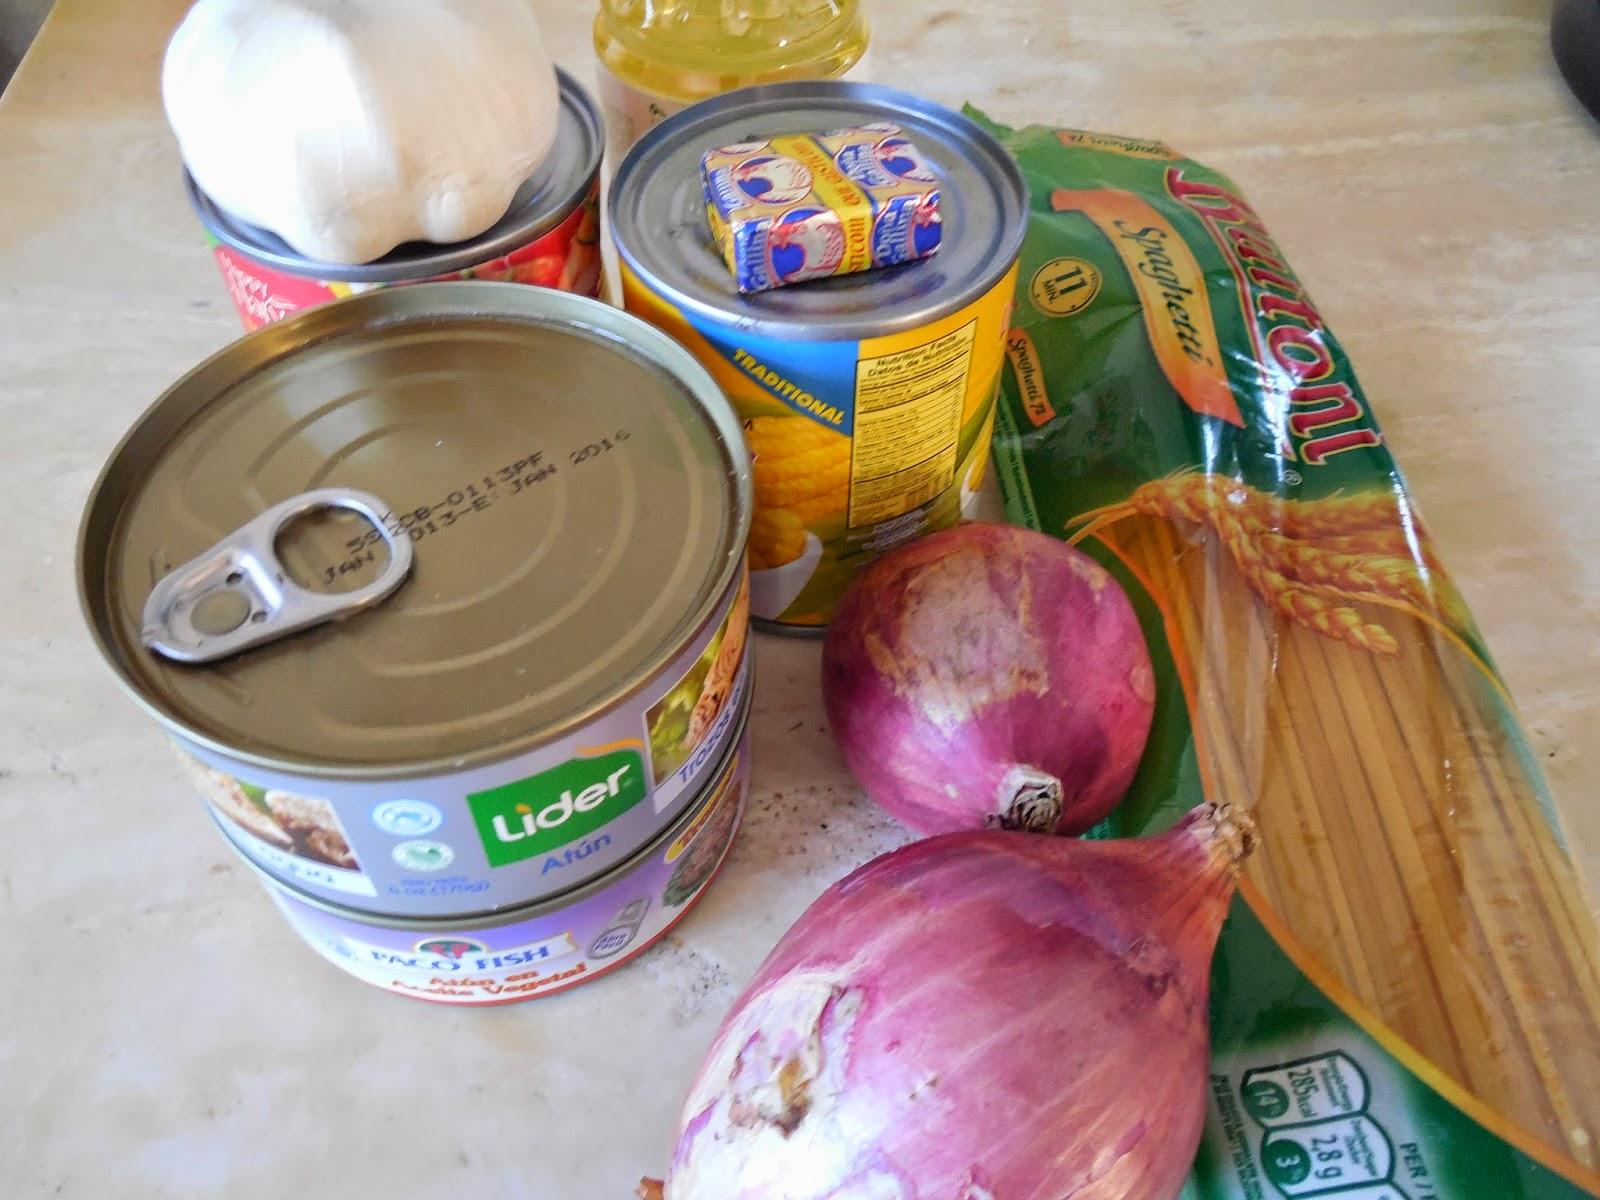 Cocina casera Repblica Dominicana Espaguetis con tuna y maiz y fritos de platano verde